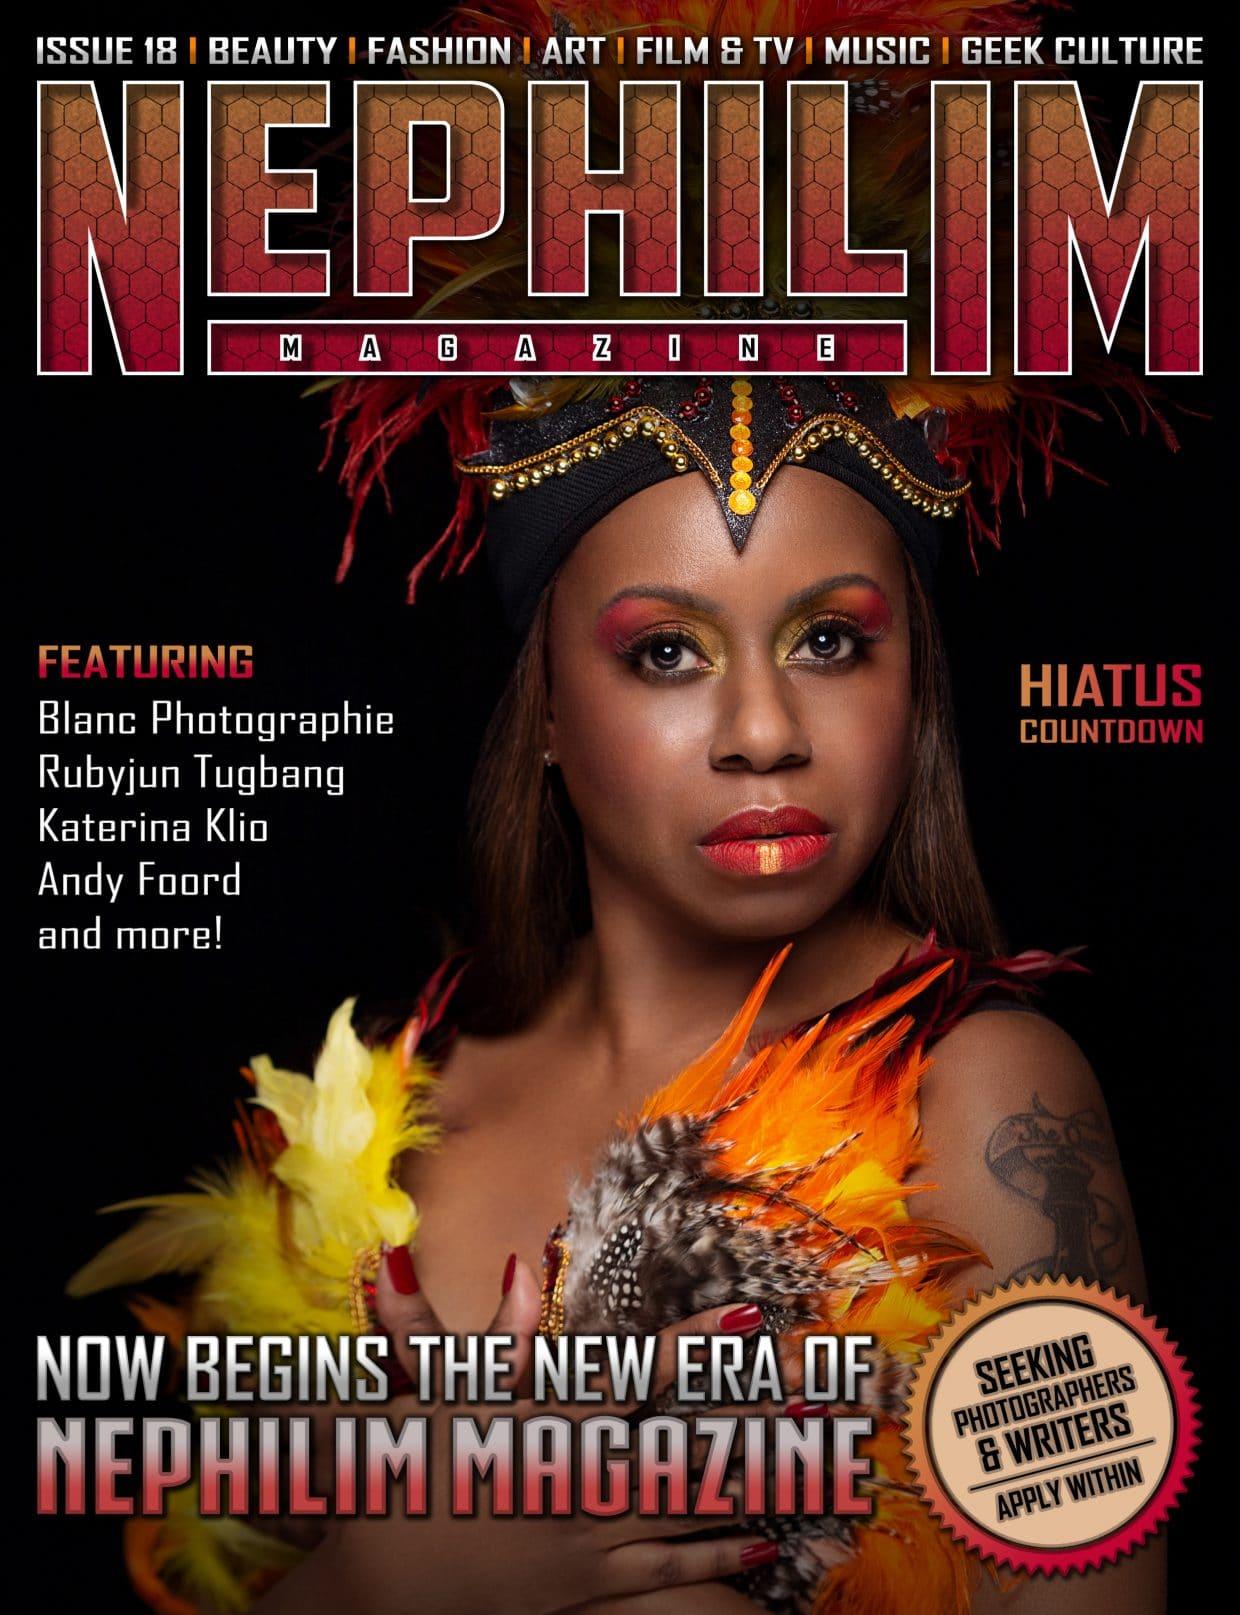 Nephilim Magazine - Issue 19 3